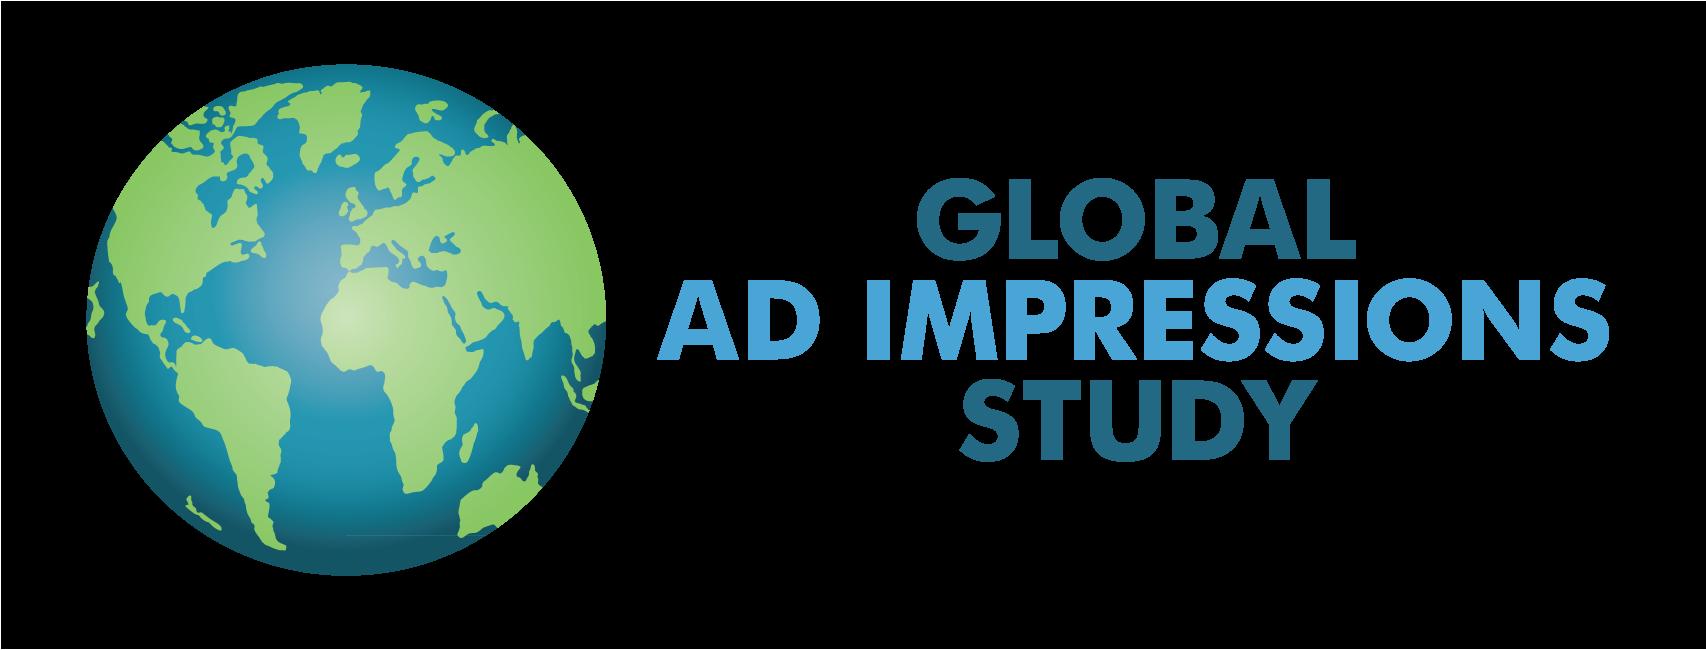 Global Ad Impressions Study